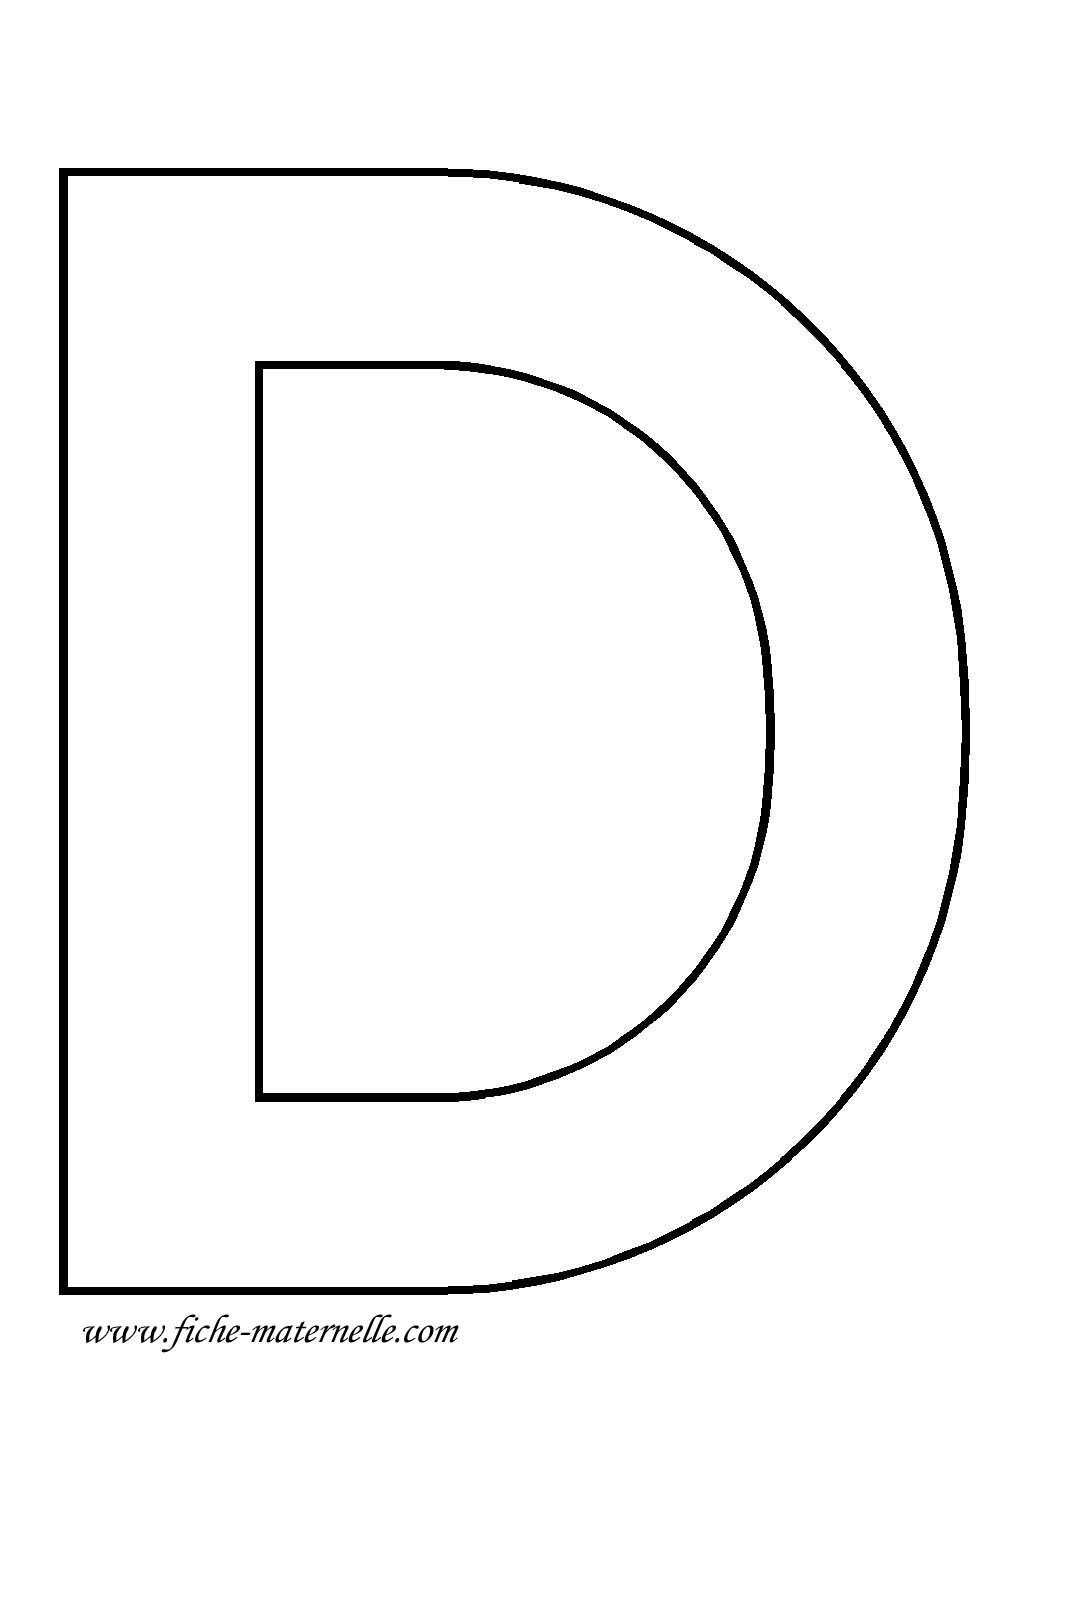 Lettre de l 39 alphabet d corer lettre d - Lettres de l alphabet a decorer ...